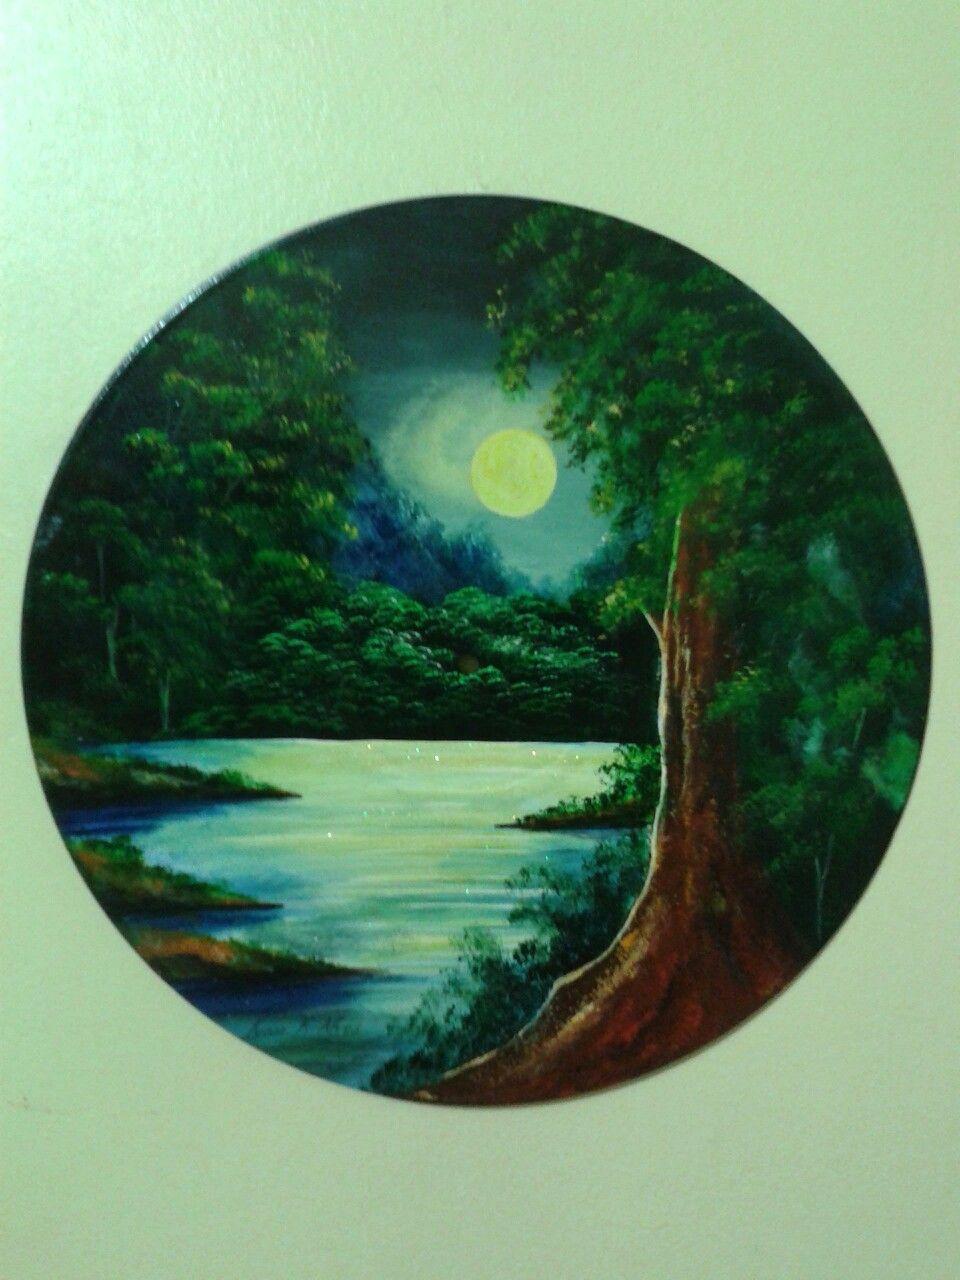 Pintura feita pelo artista baiano Nan Alves - 71-99977-8351 e 71-3314-9262